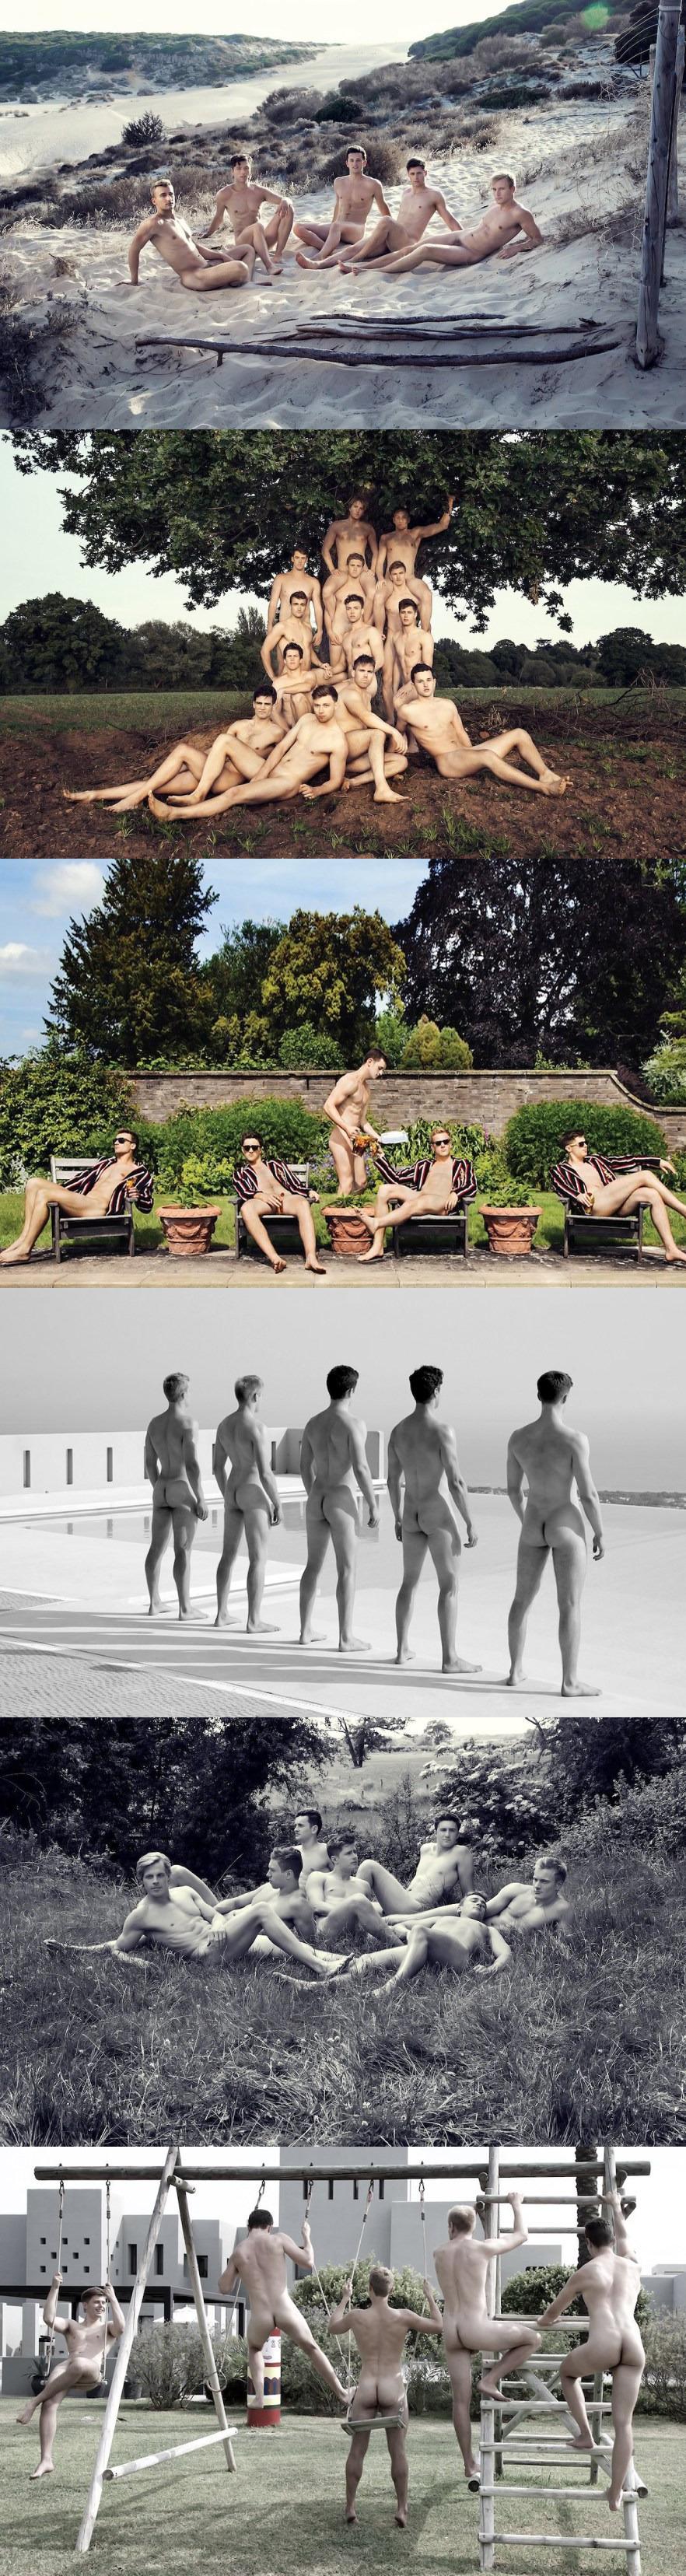 sportsmen naked warwick rowers